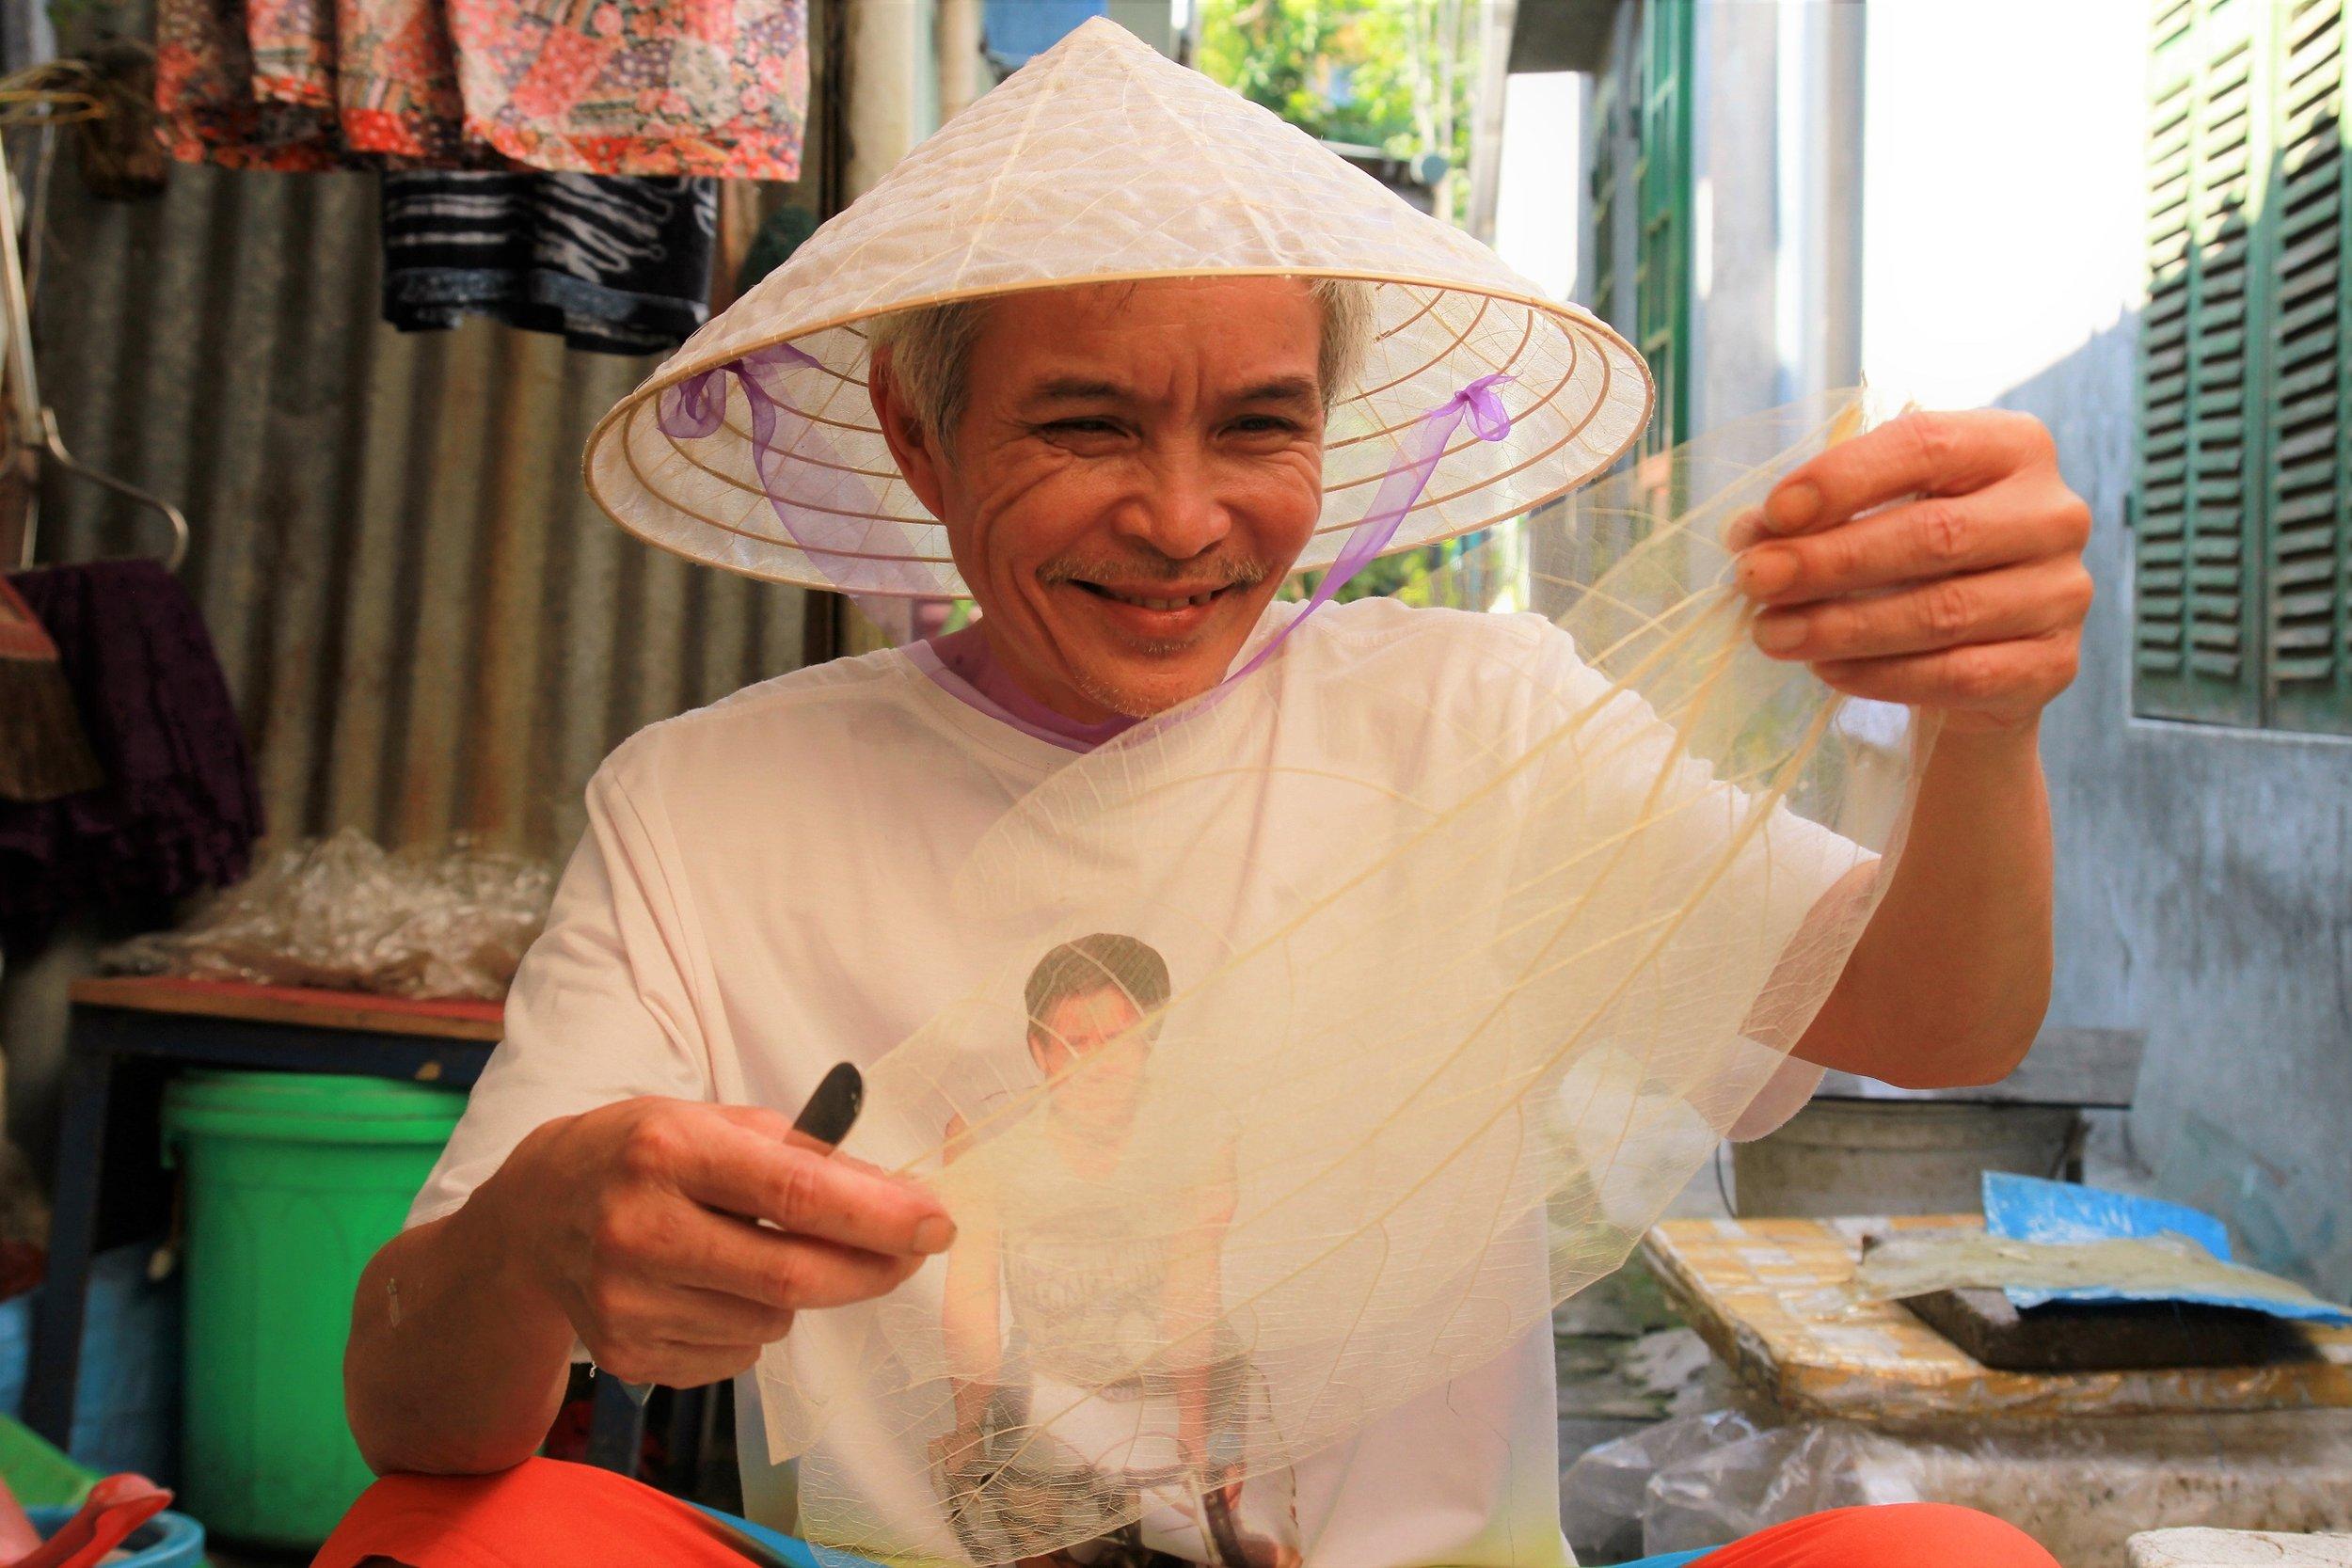 Ông Võ Ngọc Hùng tỉ mỉ làm ra những chiếc nón lá bàng tinh xảo. Ảnh: Nhật Tuấn.